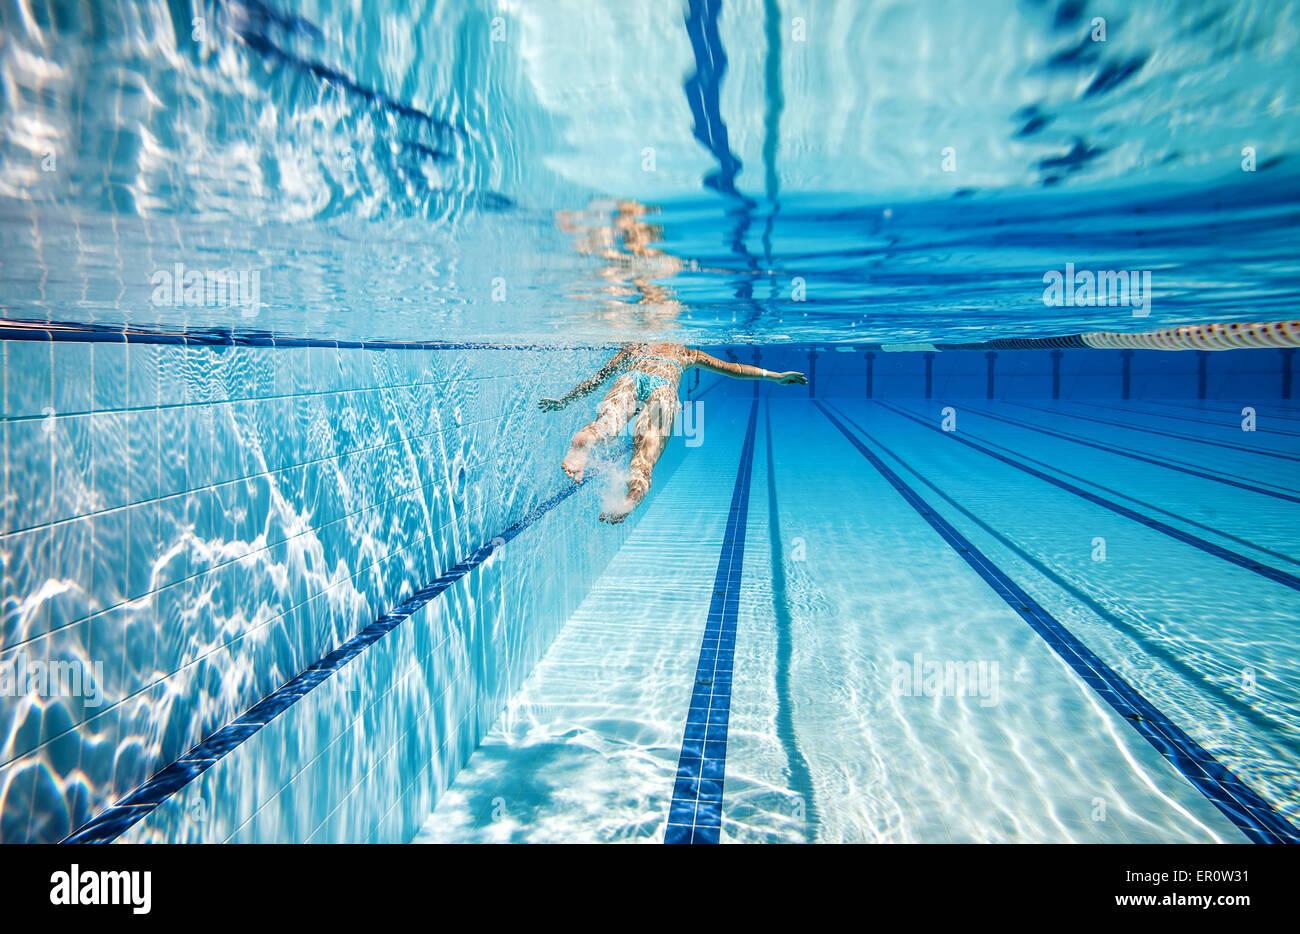 Swimming Pool Lane Lines Water Stock Photos & Swimming Pool ...